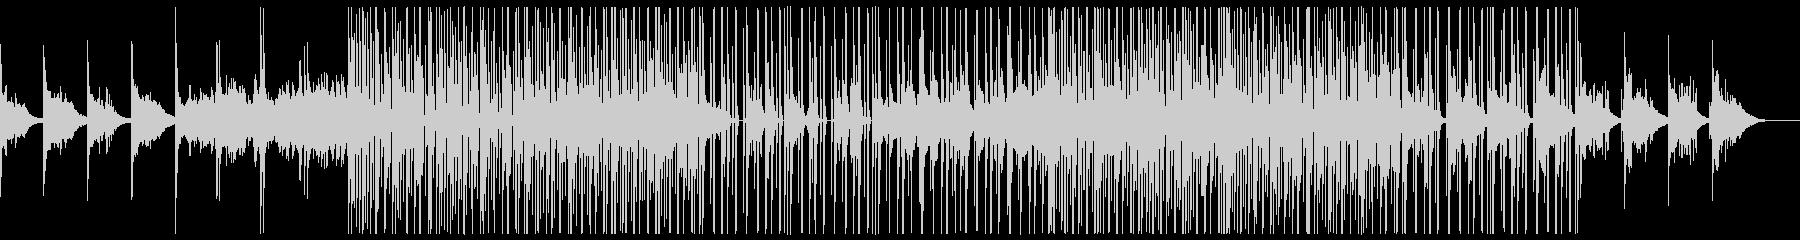 ダークなエレクトロBGM(ベース抜きの未再生の波形